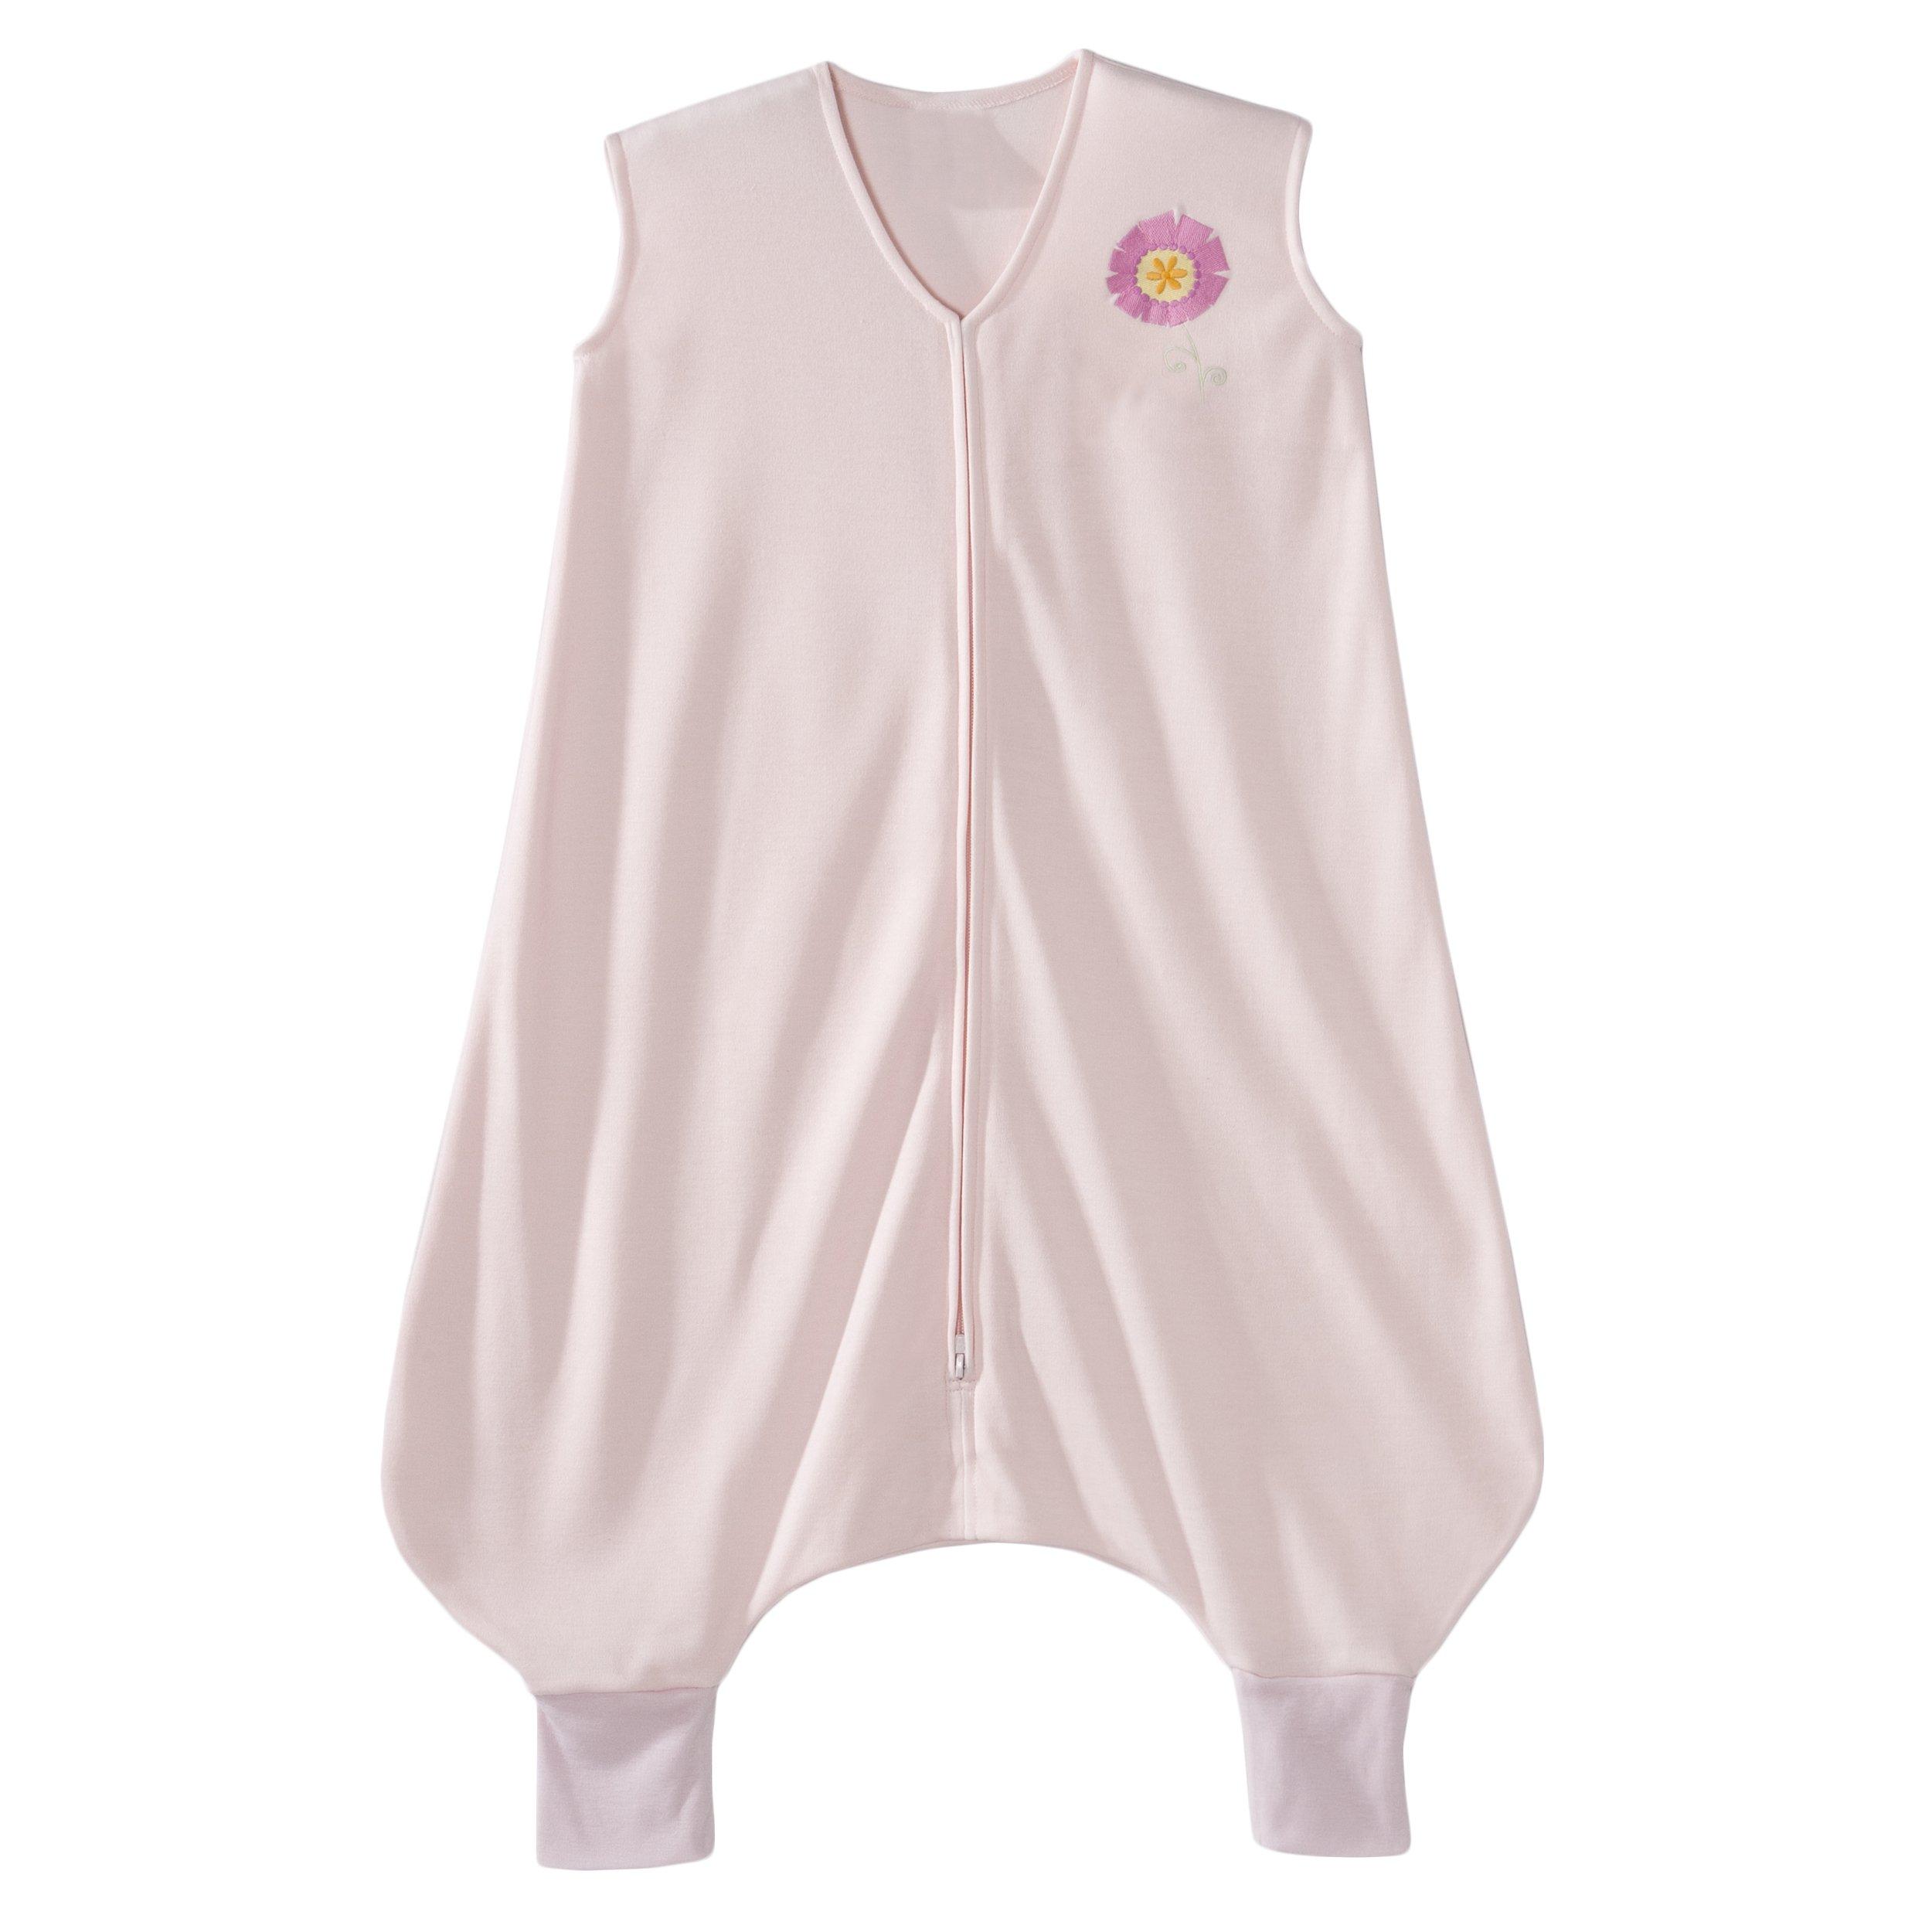 HALO Early Walker SleepSack Lightweight Knit Wearable Blanket, Pink, Medium